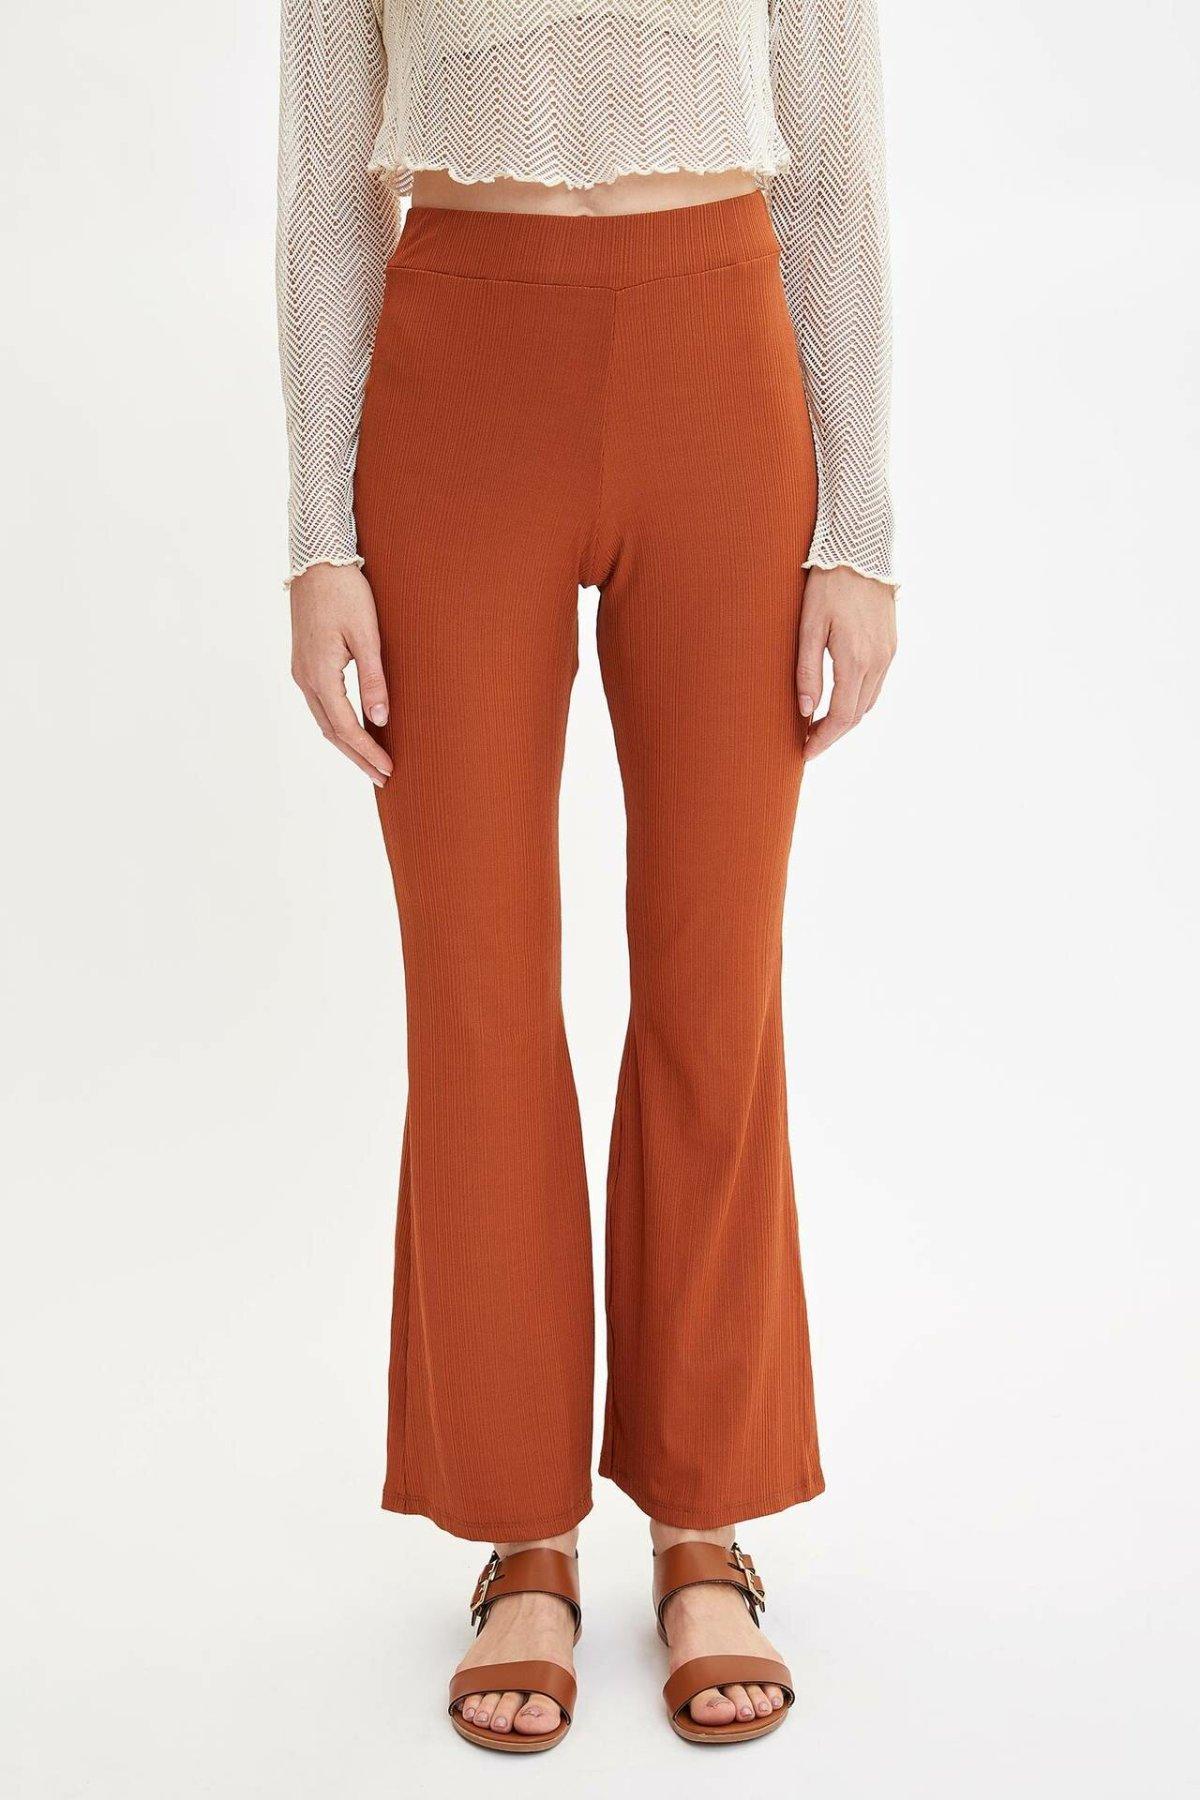 DeFacto Woman Spring Fashion Wide-leg Pants Women Chic Orange Color Fit Long Pants Female Elastic Trousers-M0400AZ19SP